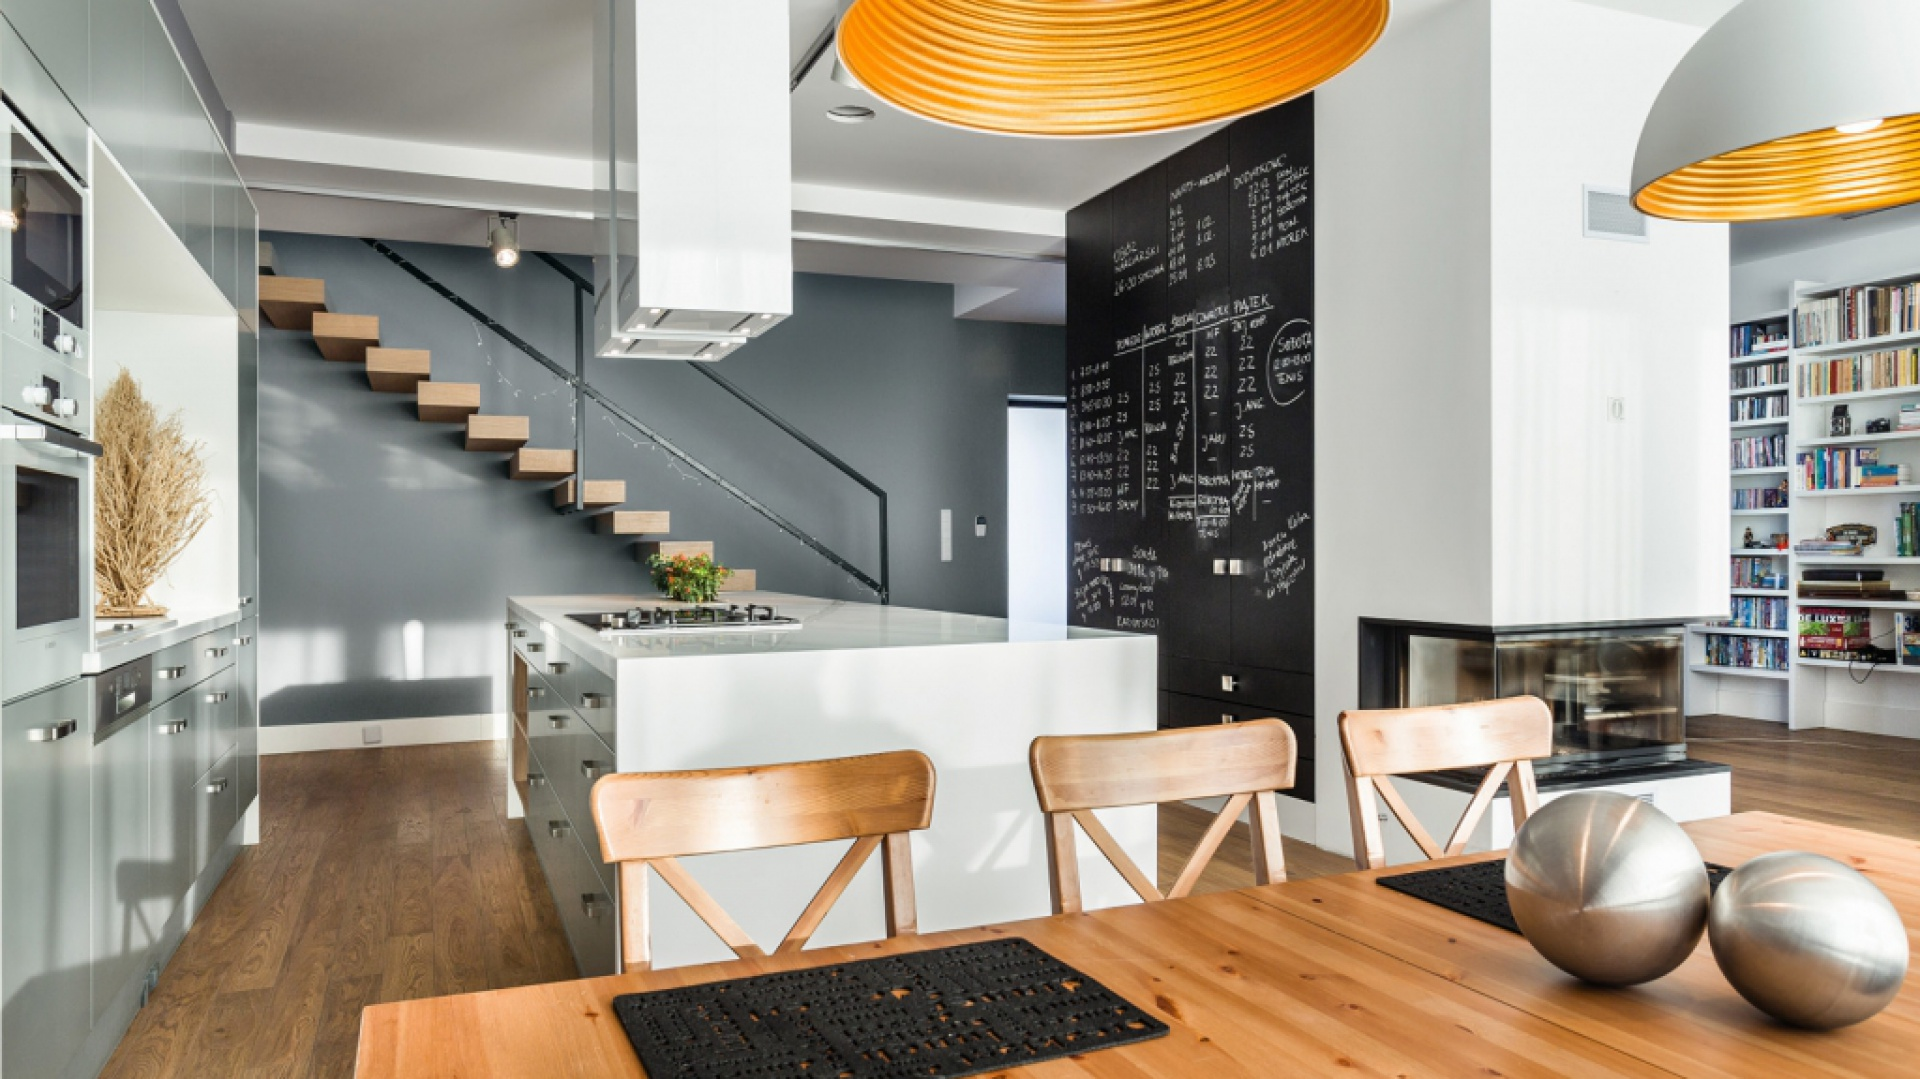 Kuchnia W Stylu Loft Tak Urządzisz Modne Wnętrze